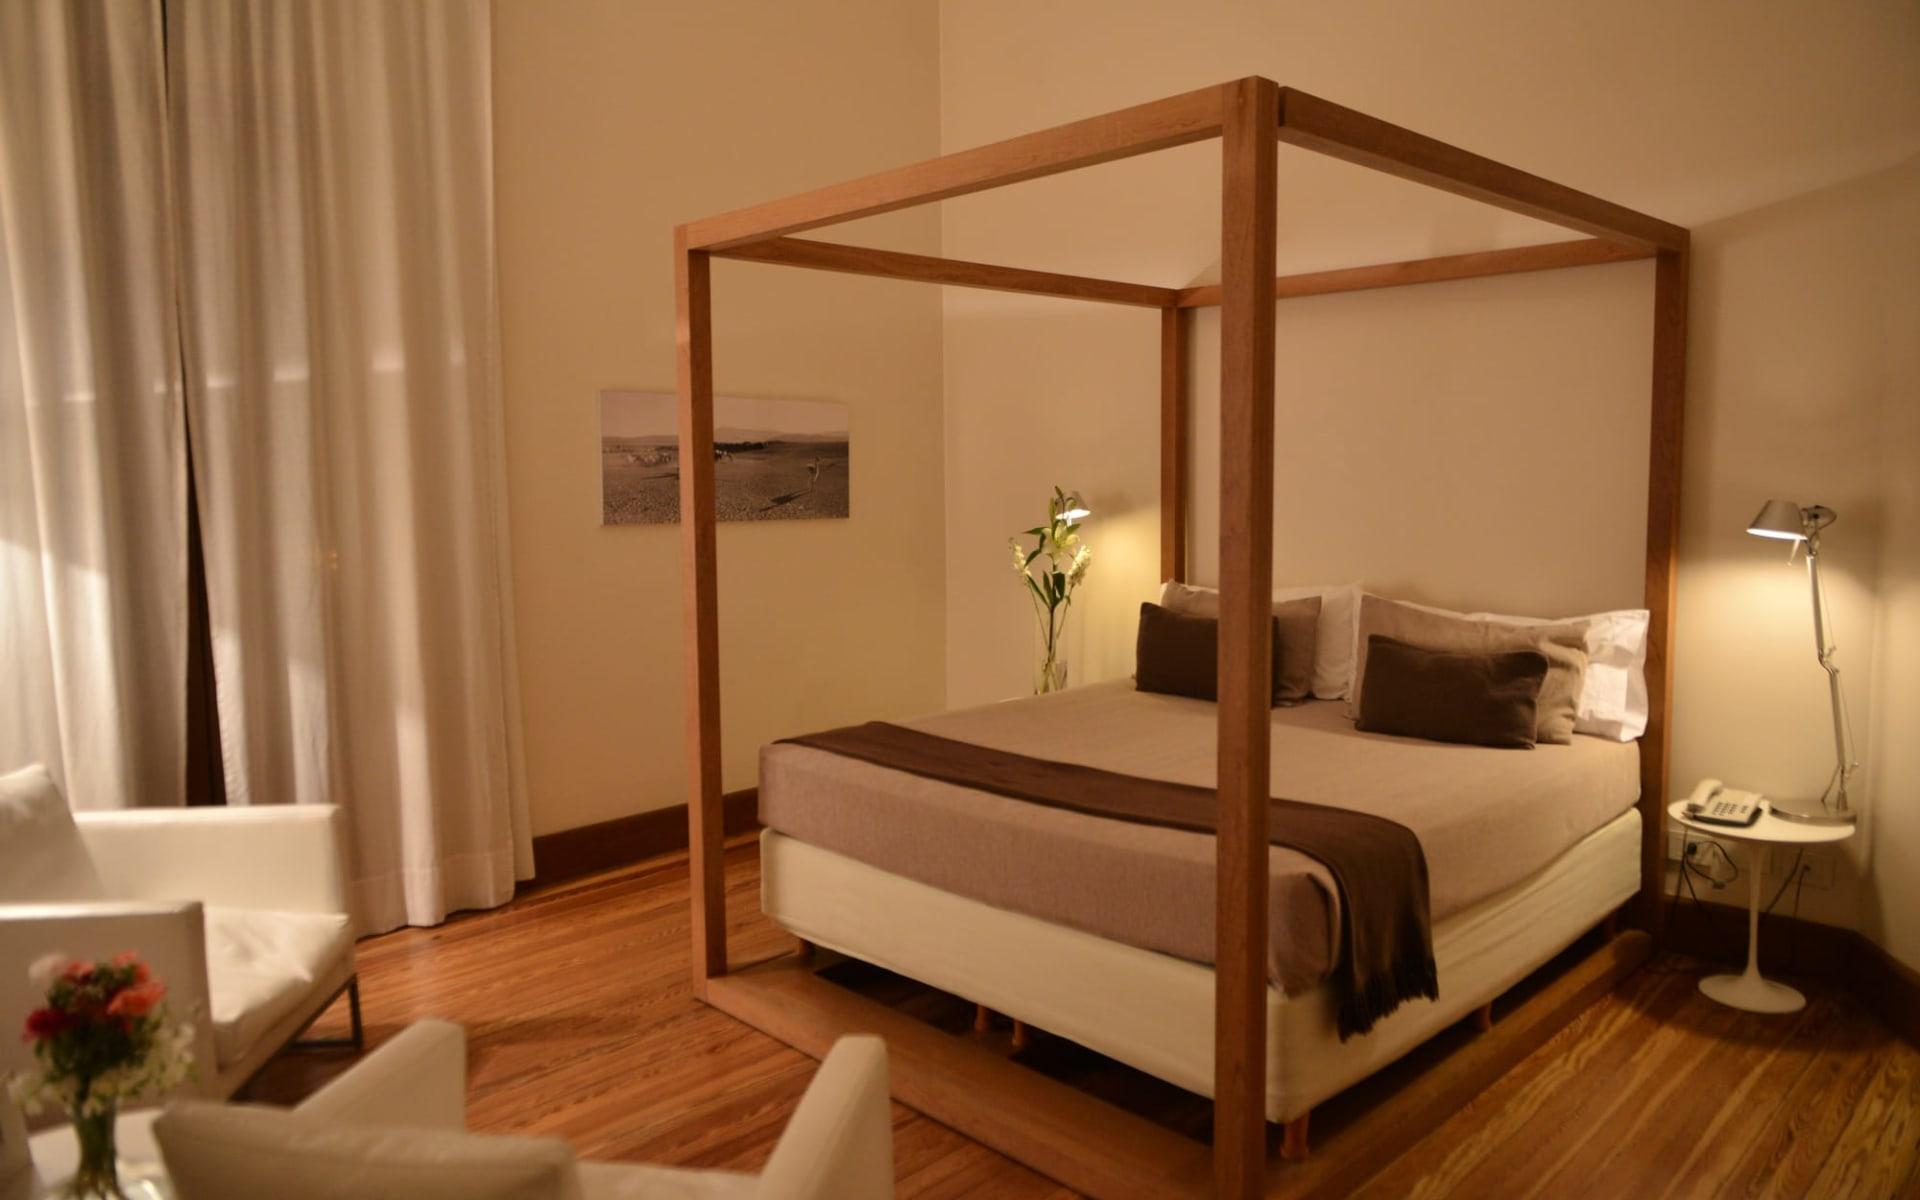 Design Suites Salta: Design Suites Salta (25)